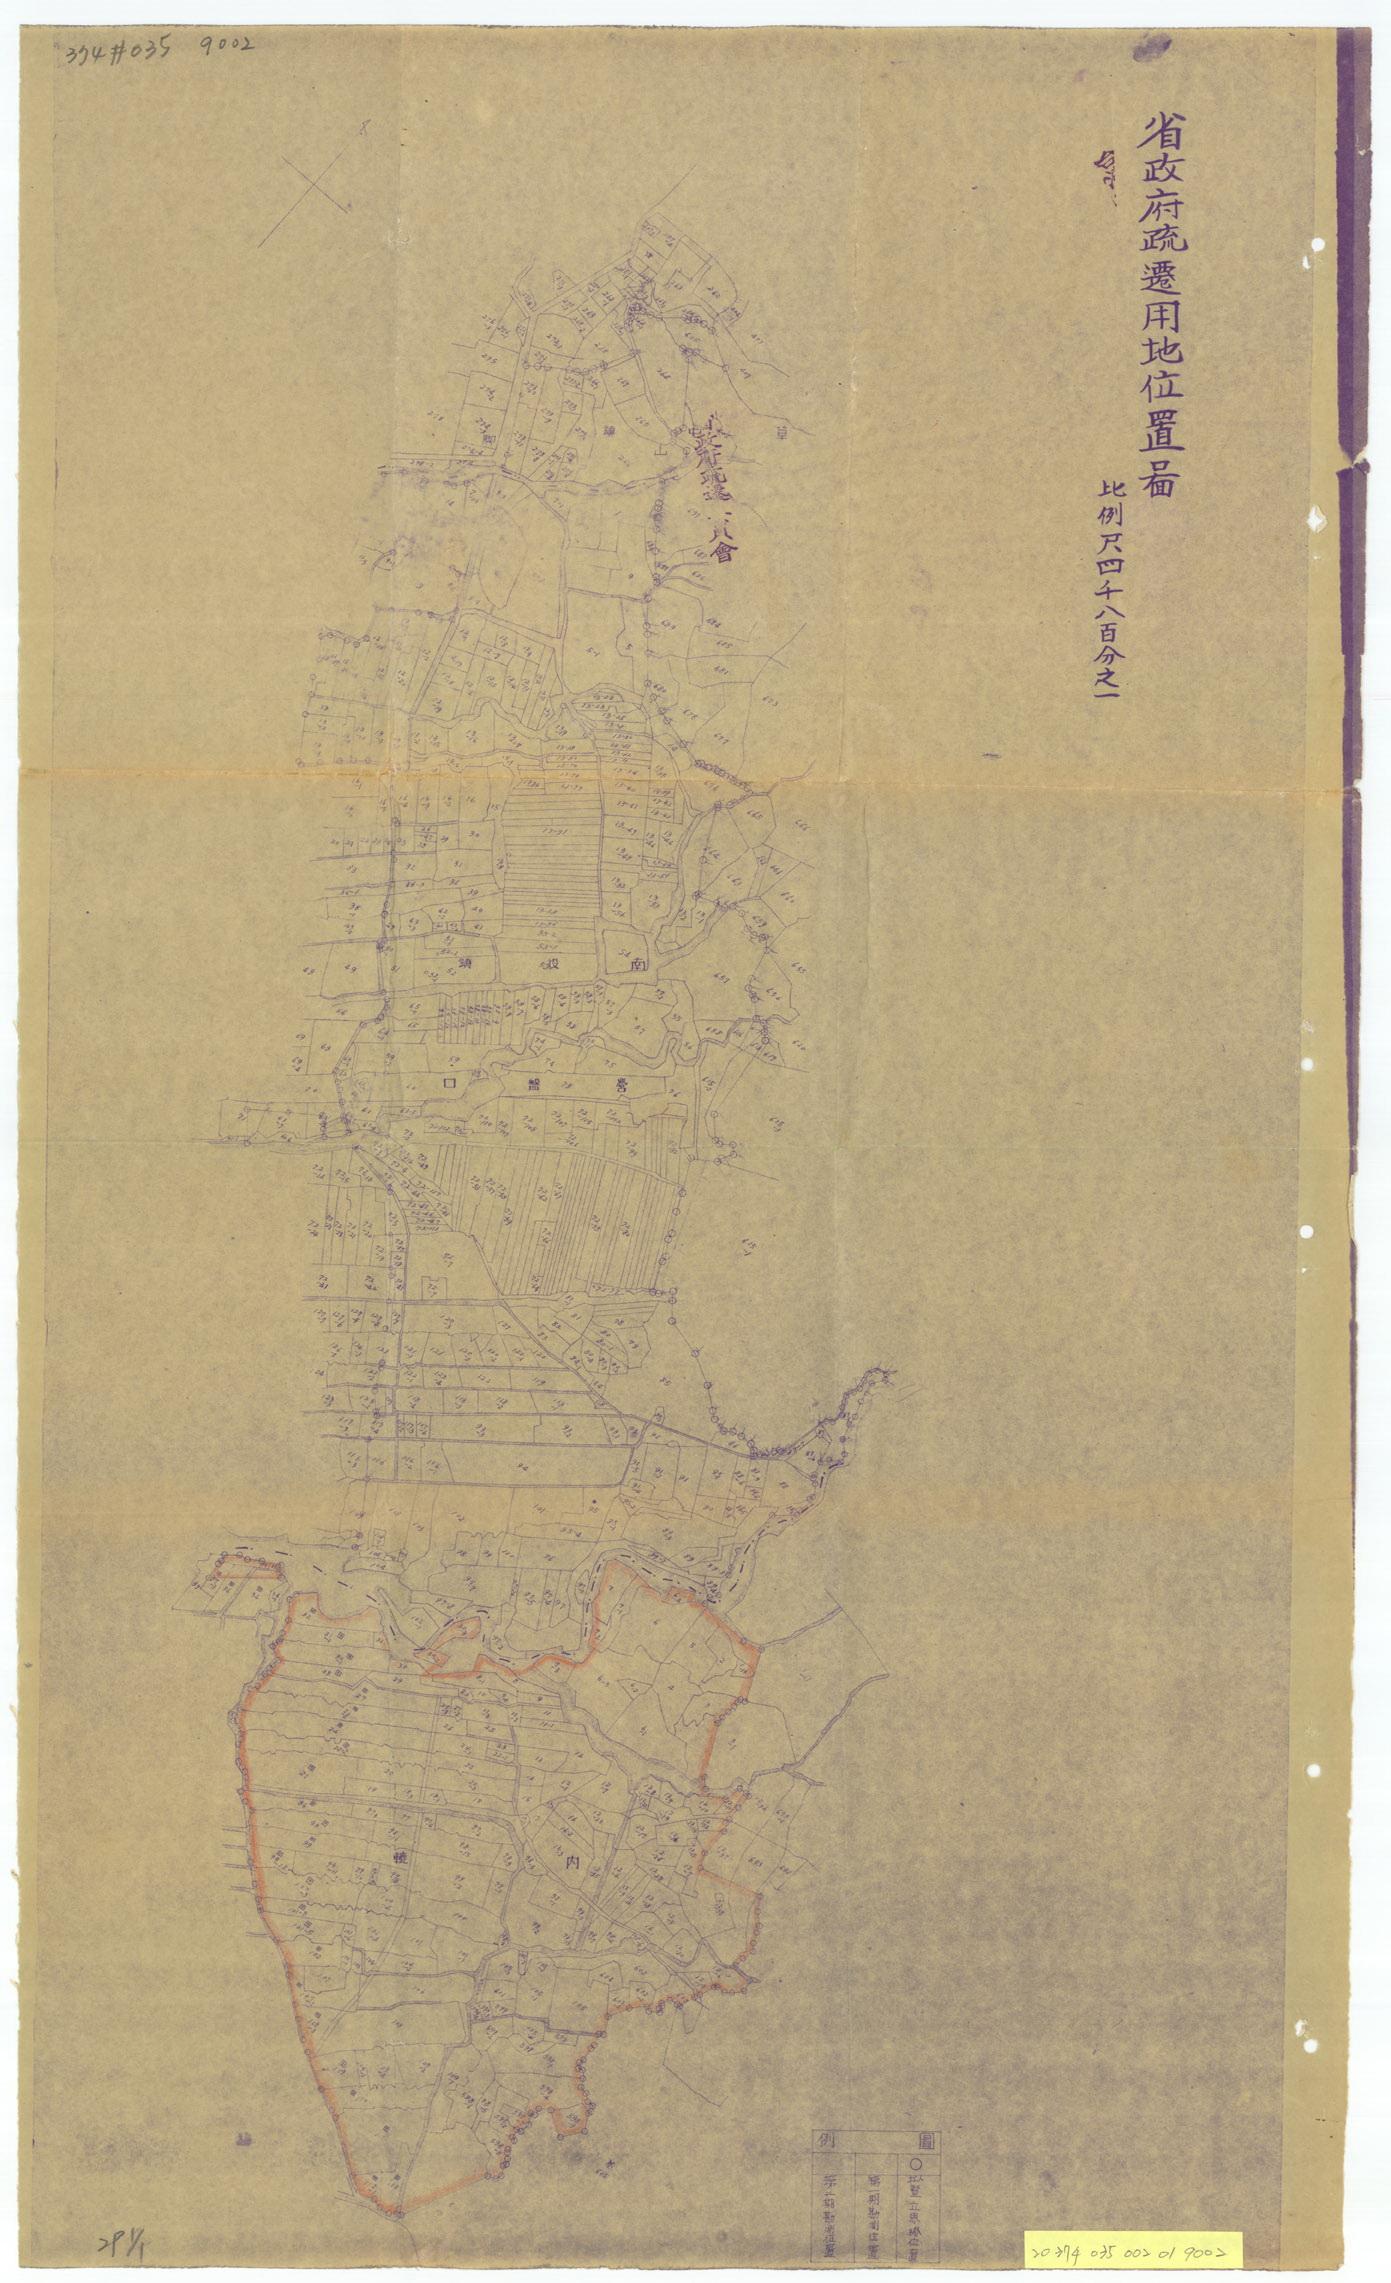 省府疏遷用地位置圖(20374035002019002)